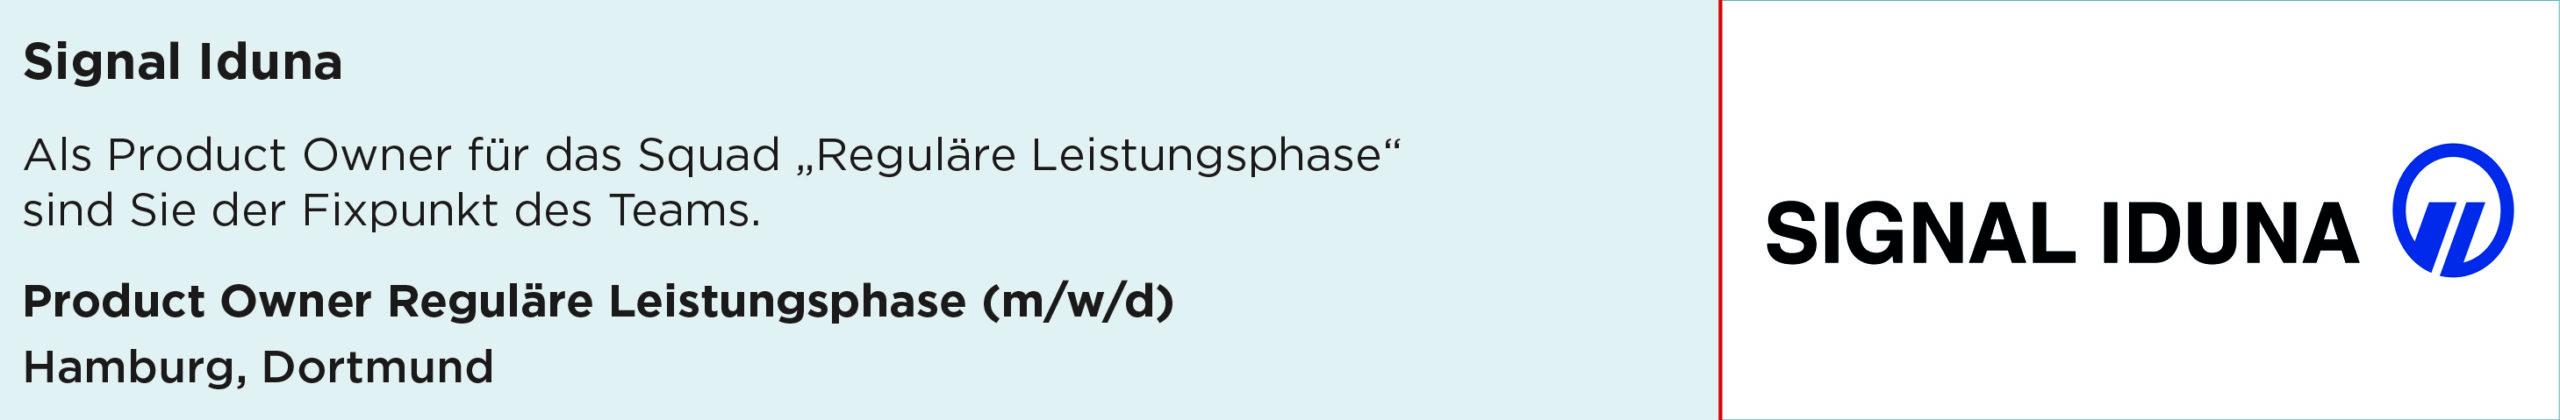 signal Iduna, product owner, reguläre leistungsphase, Stellenanzeige, hamburg, dortmund